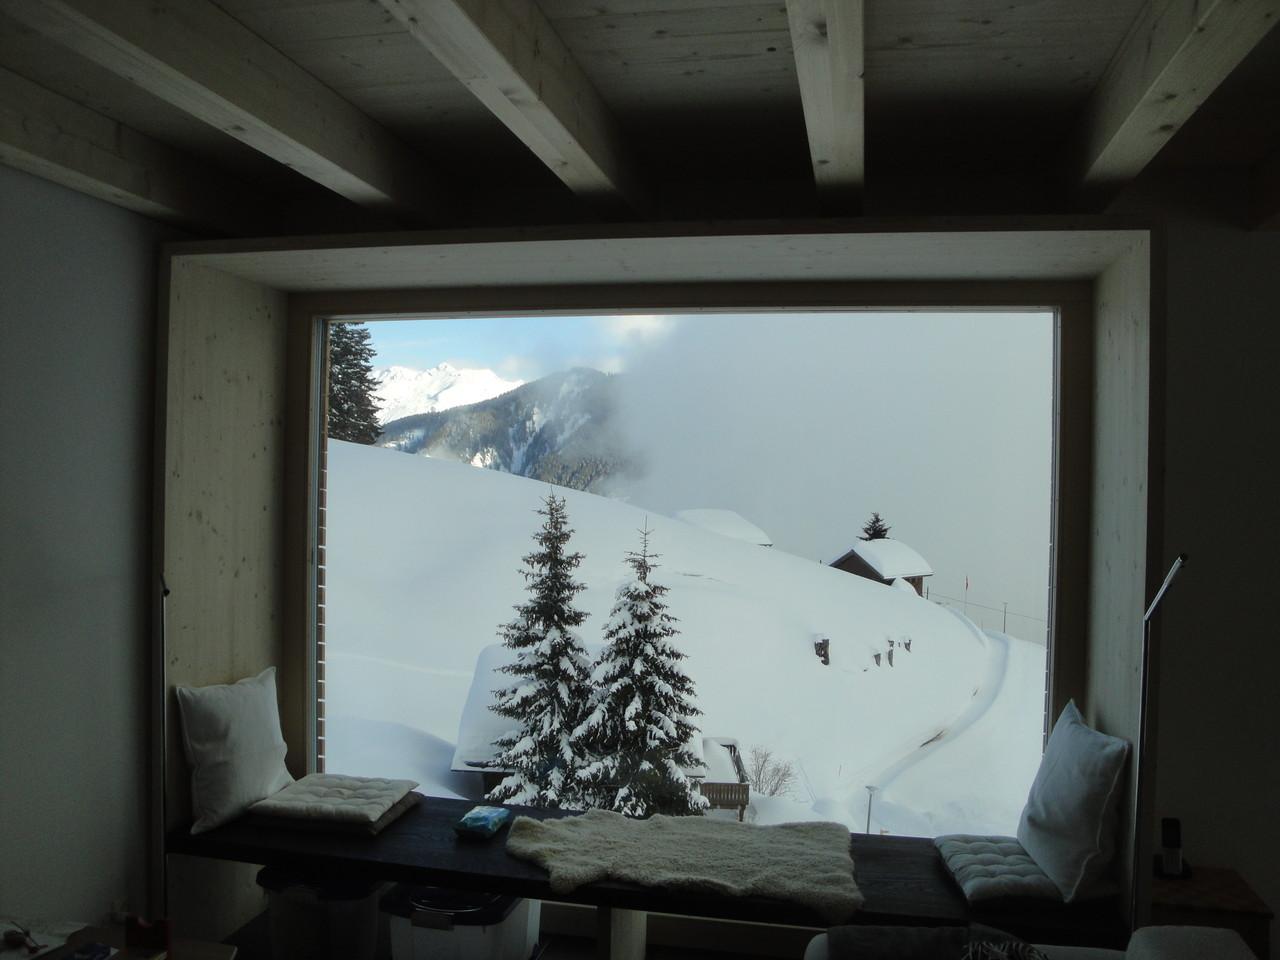 Fenster Ferienhaus, Braunwald